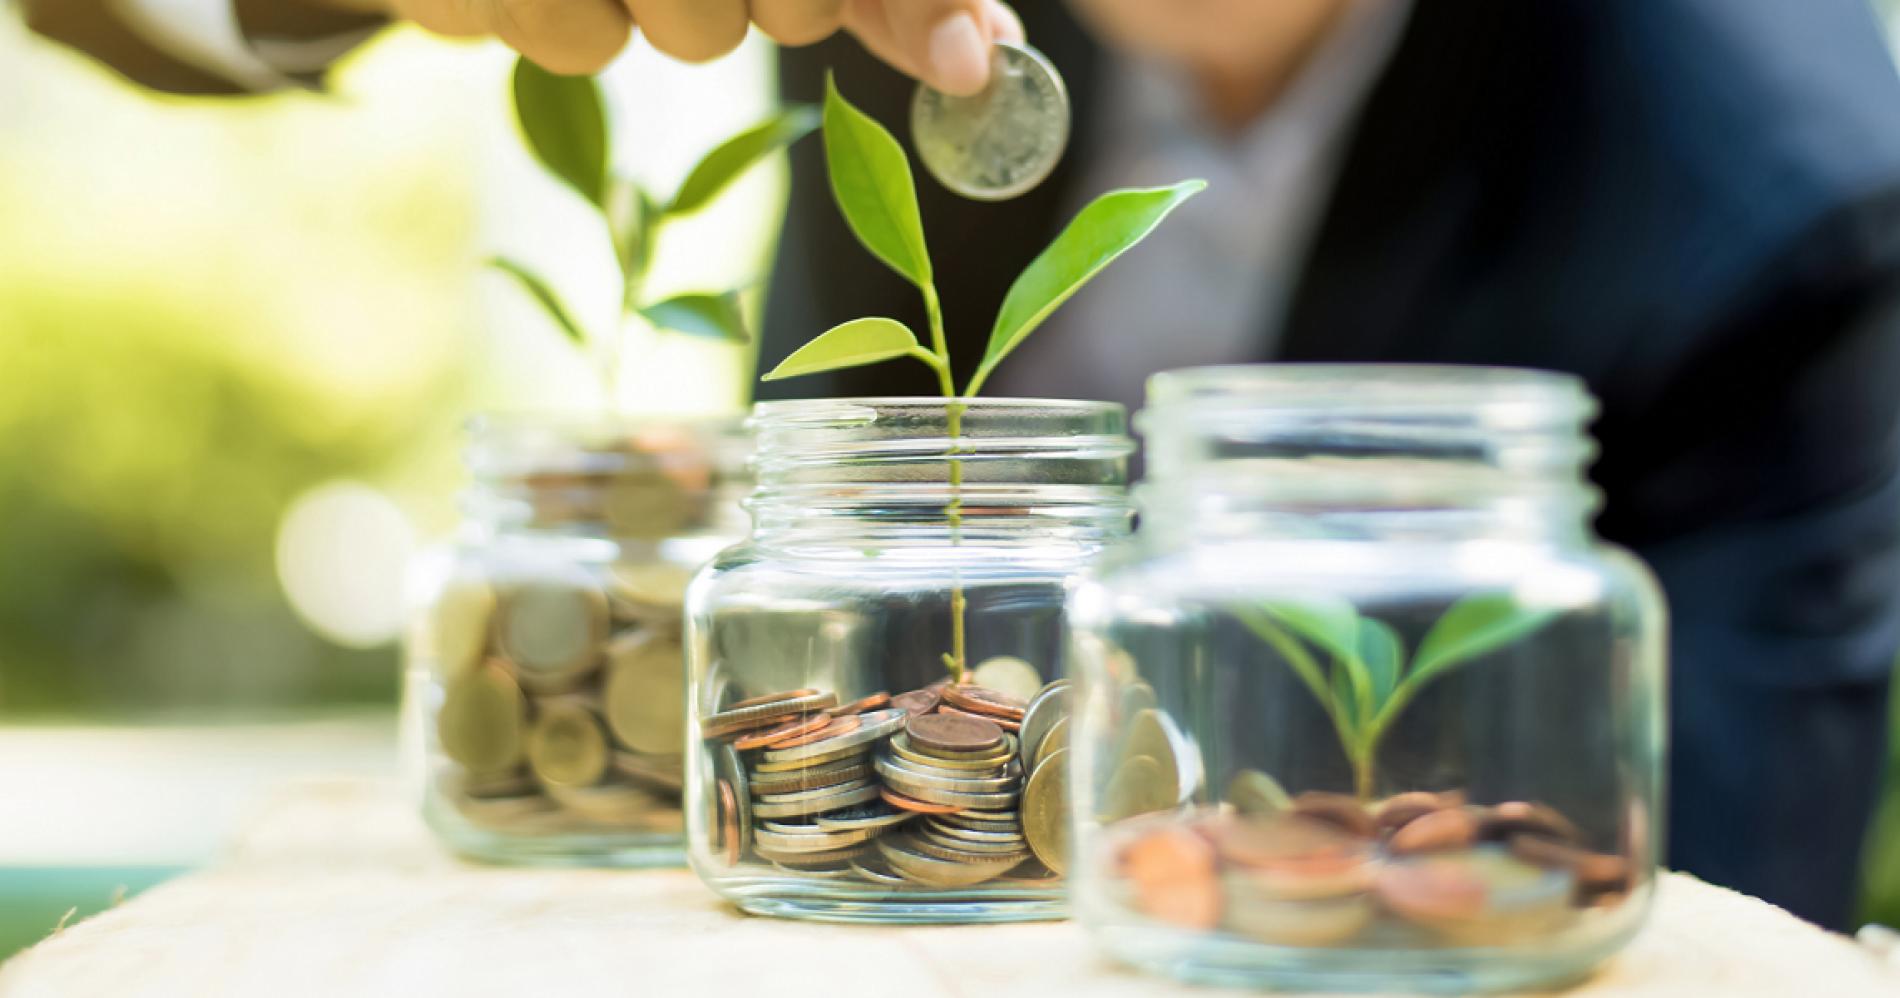 Ilustrasi Menabung dan Investasi (Foto: Canva)